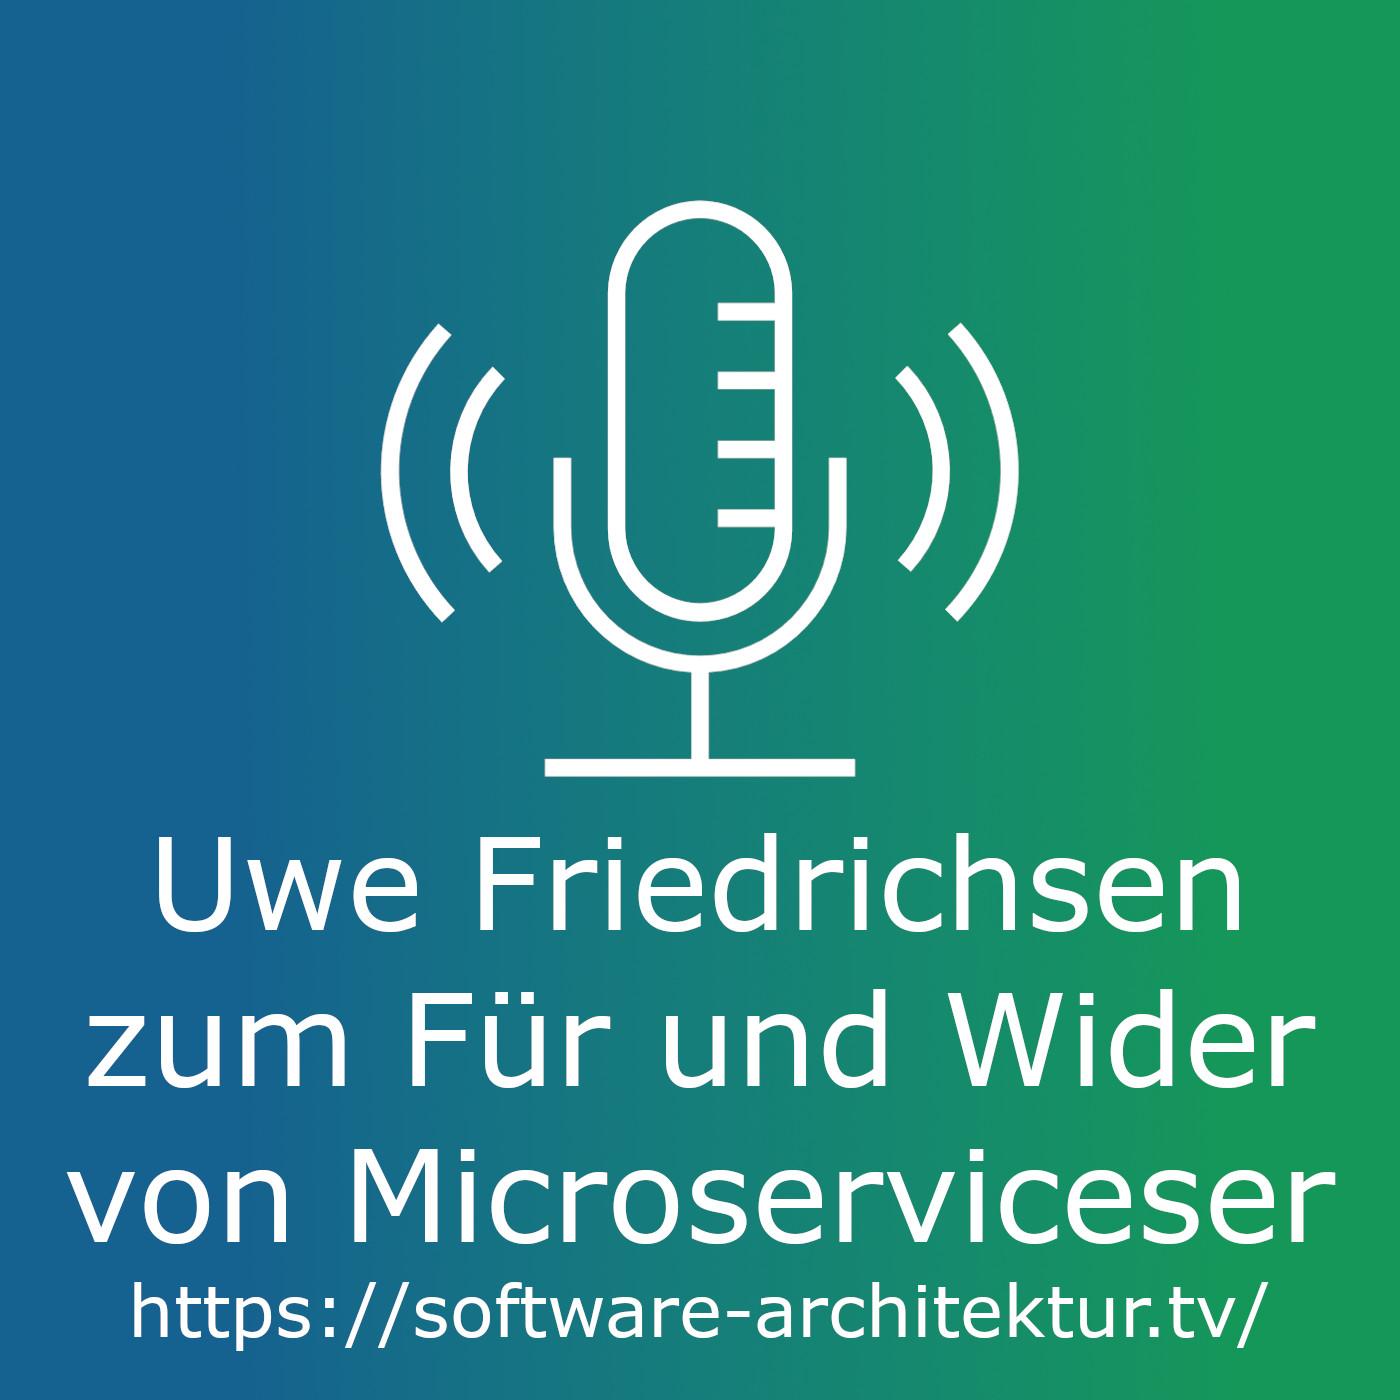 Uwe Friedrichsen zum Für und Wider von Microservices